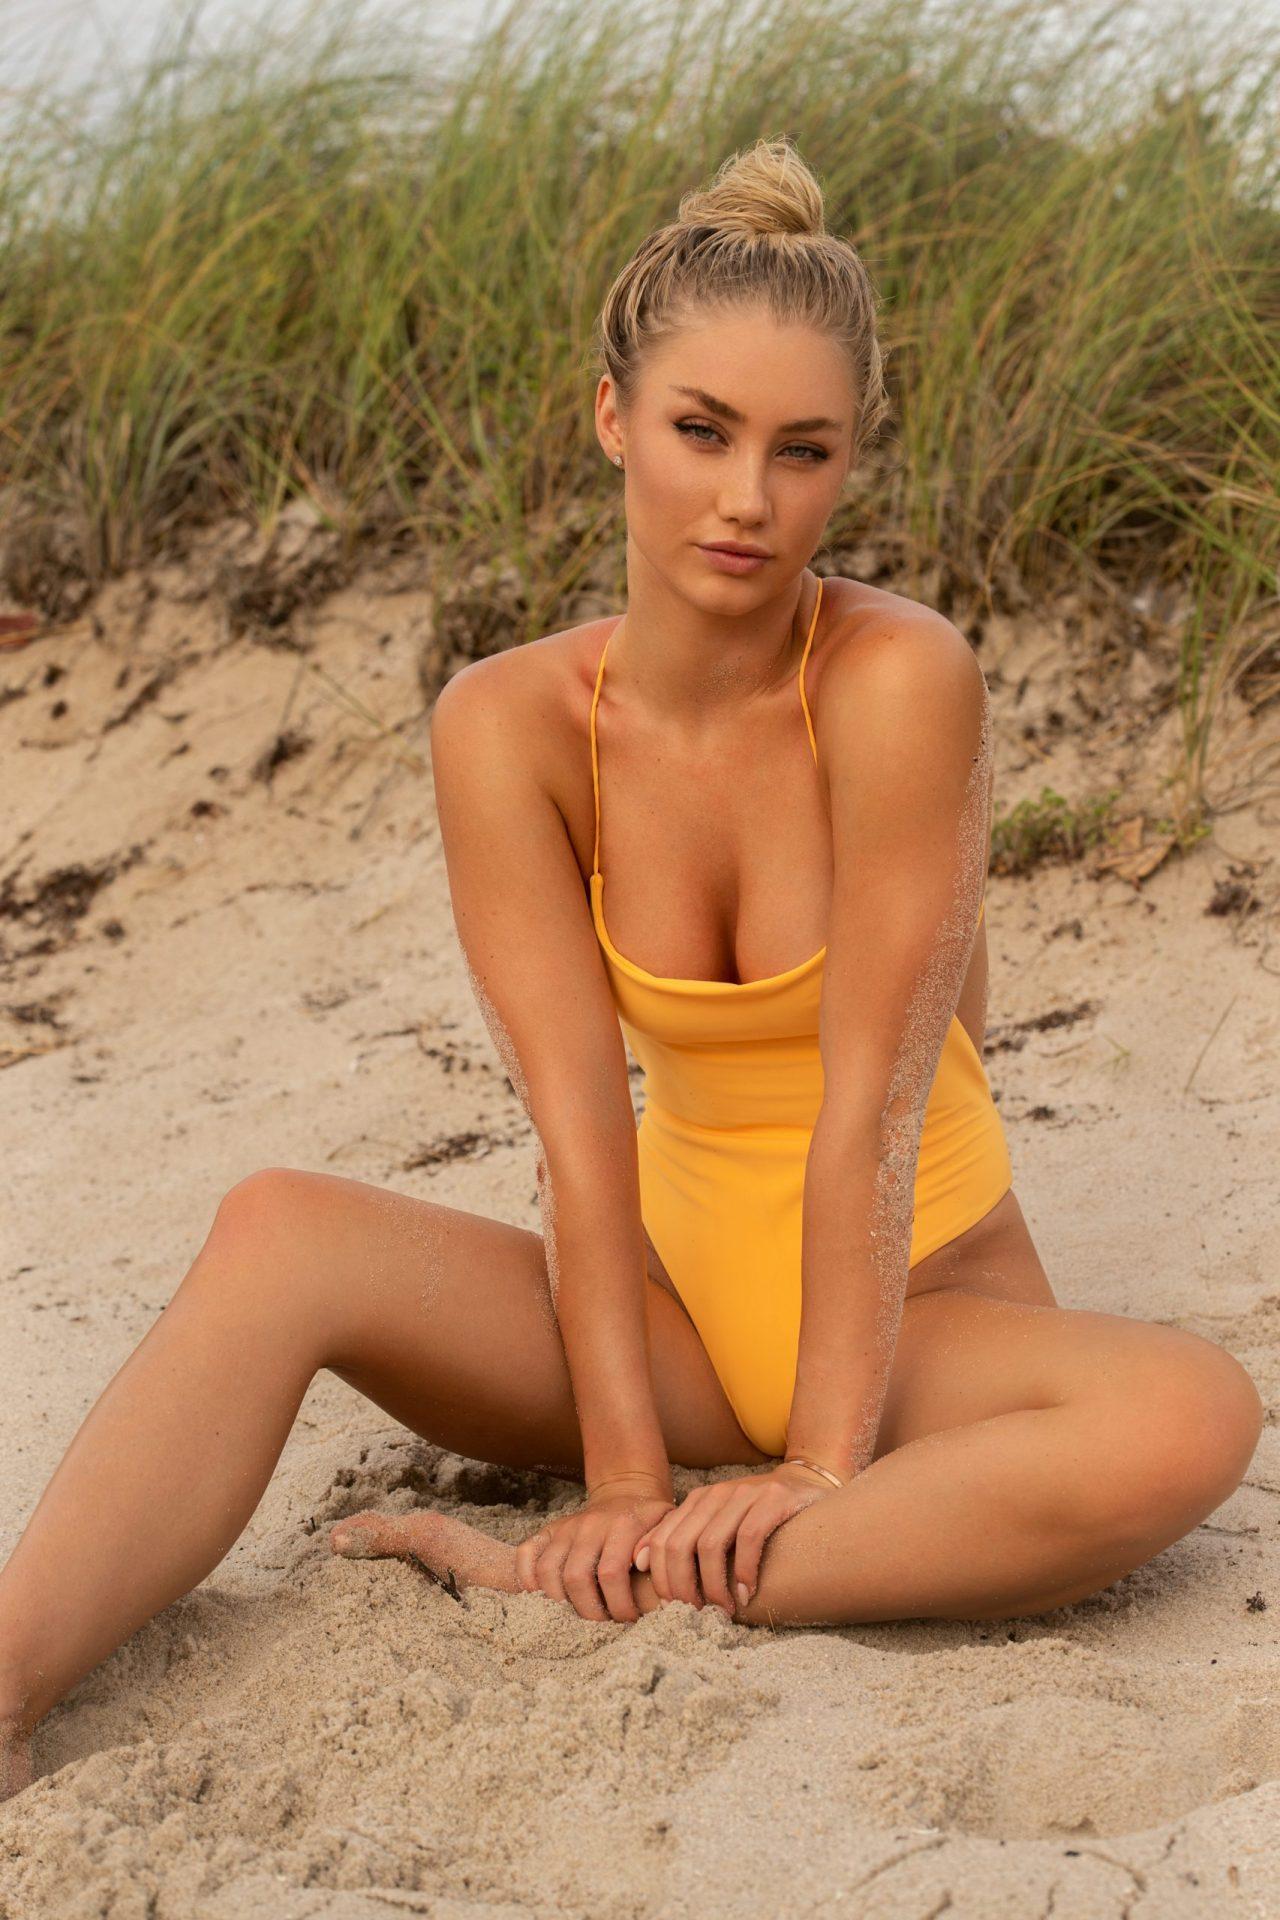 Alexis King on Miami Beach